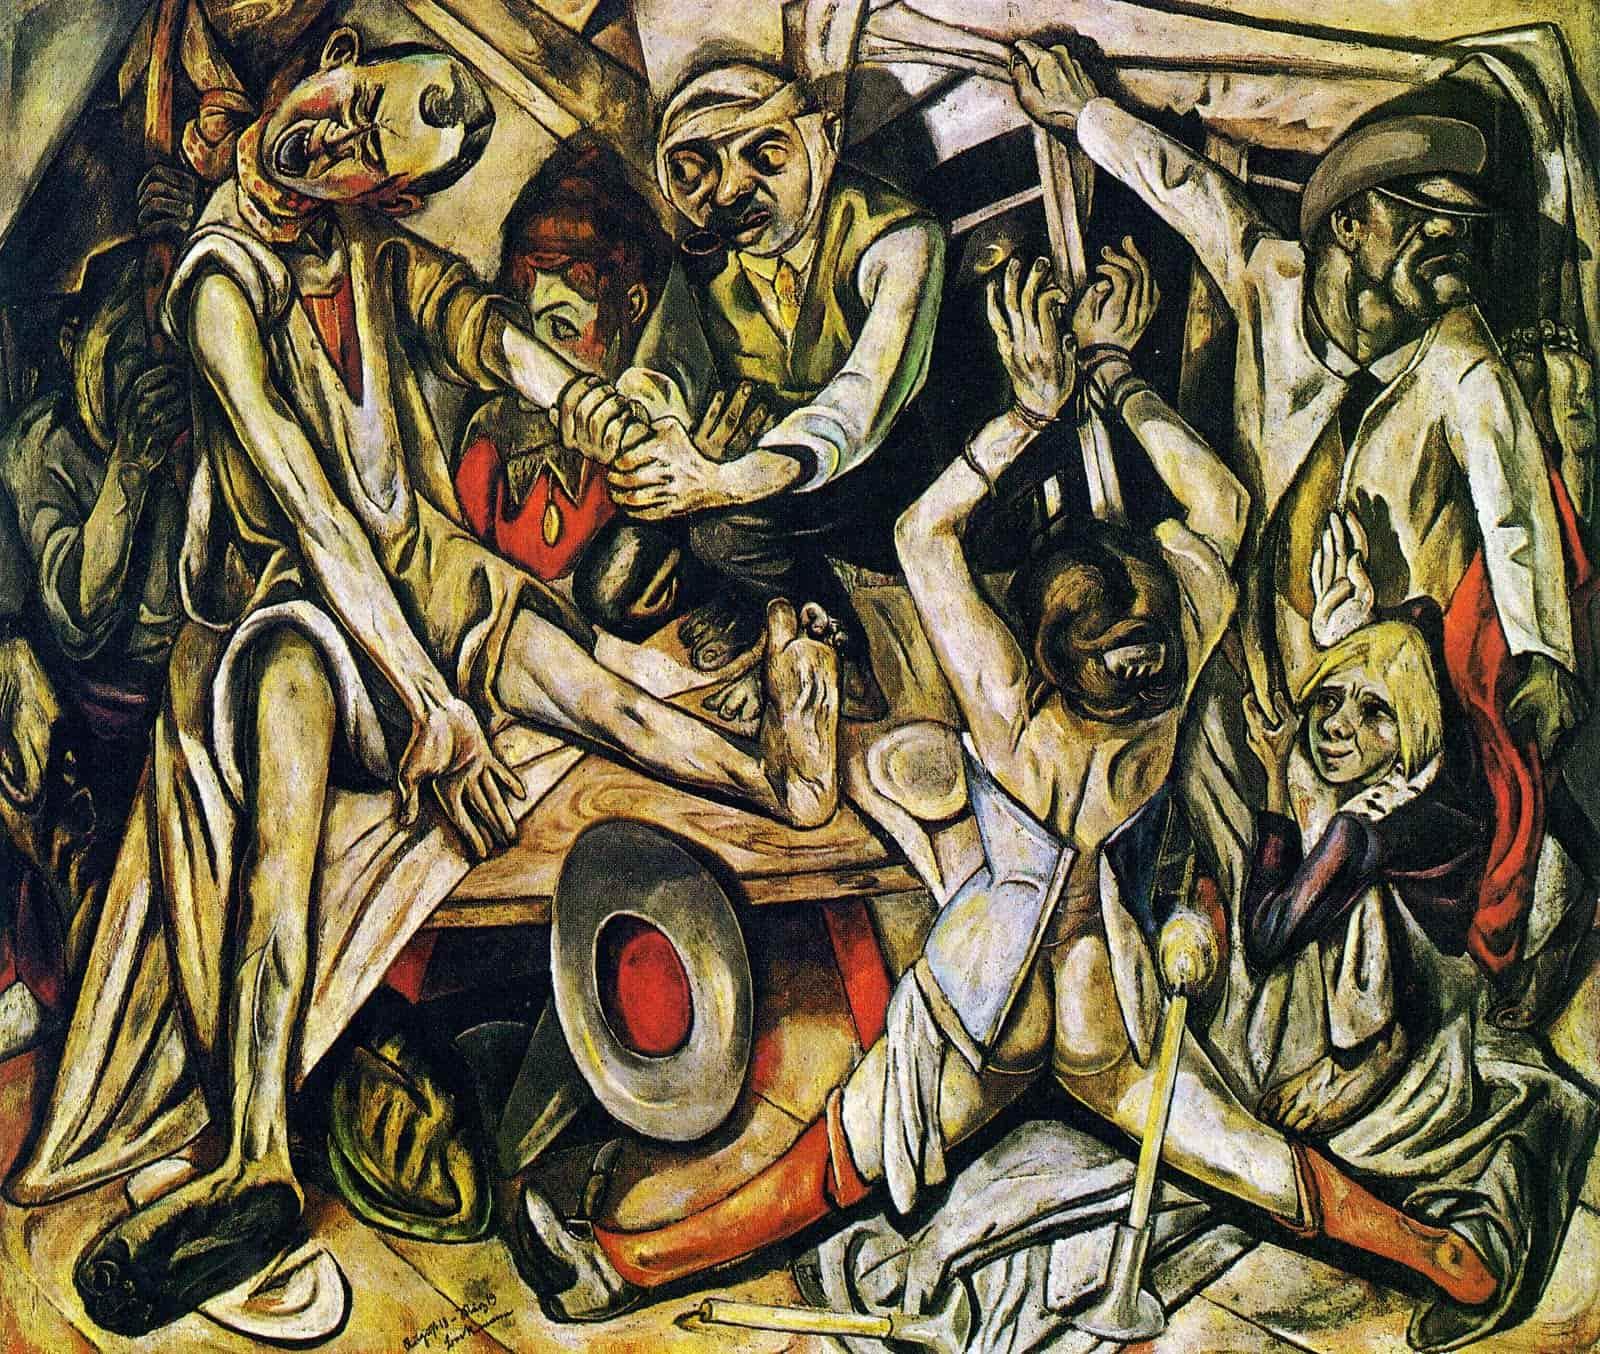 Ekspresyonizm ve Empresyonizm Farkı Nedir